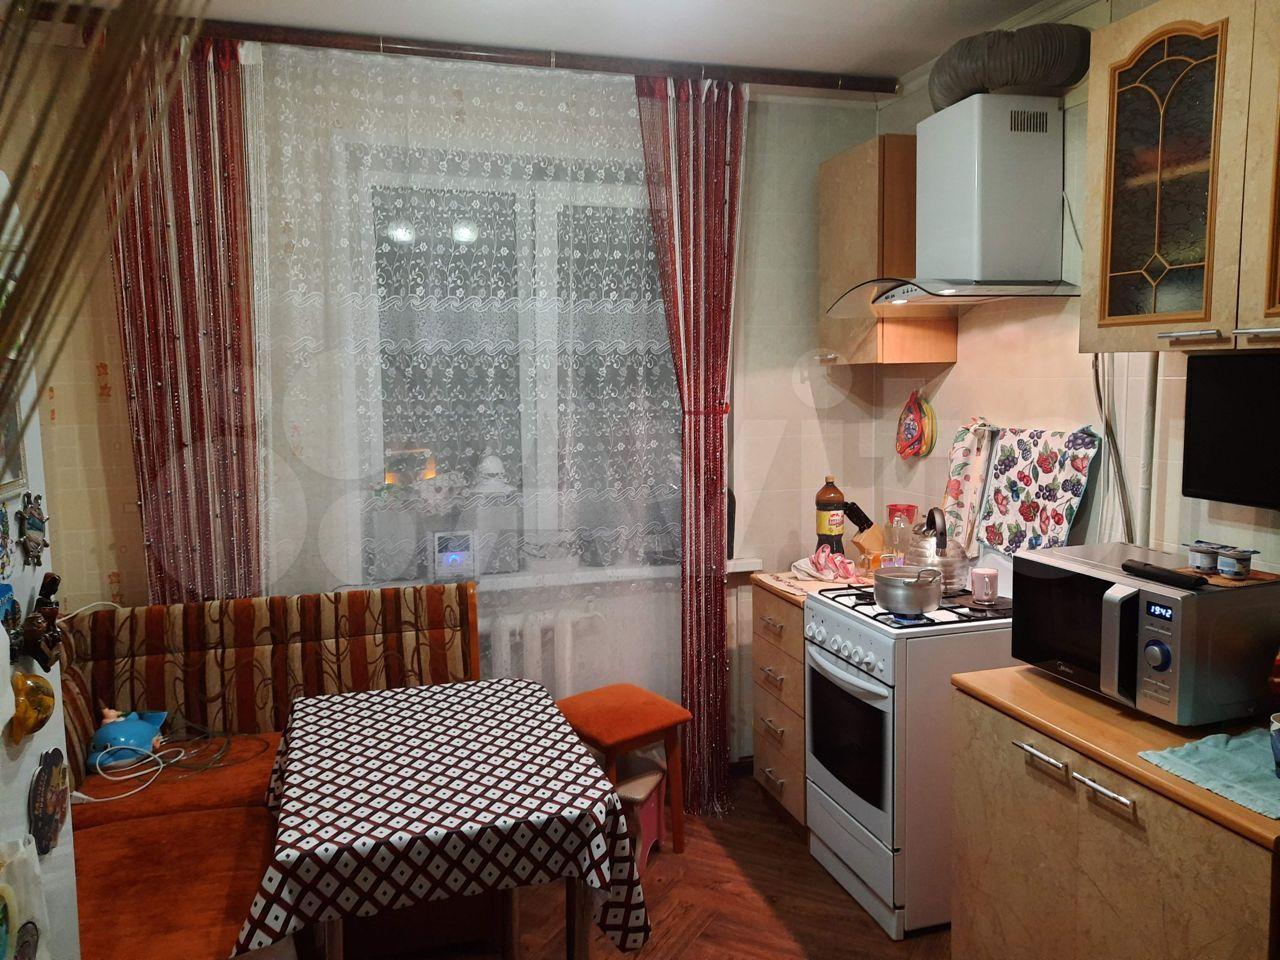 2-к квартира, 46.1 м², 6/9 эт.  89051306177 купить 2